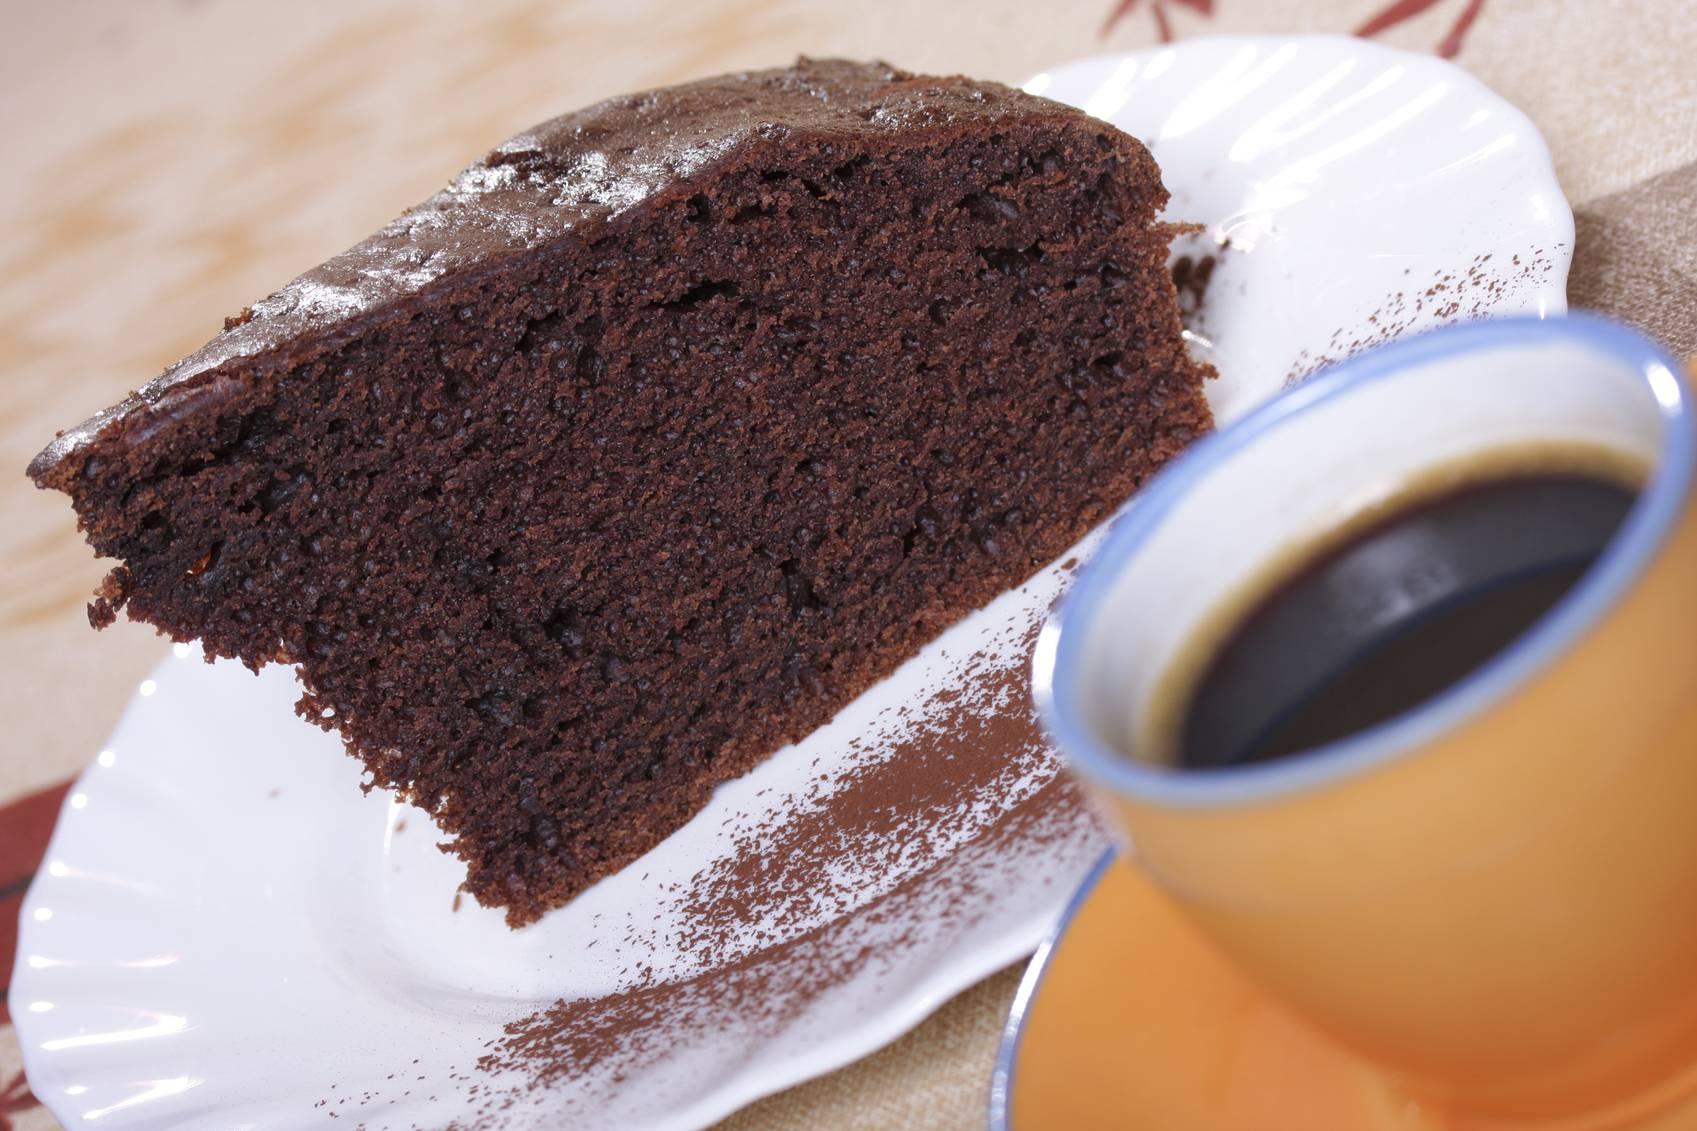 Torta segreta al doppio cioccolato, una delizia che si scioglie in bocca